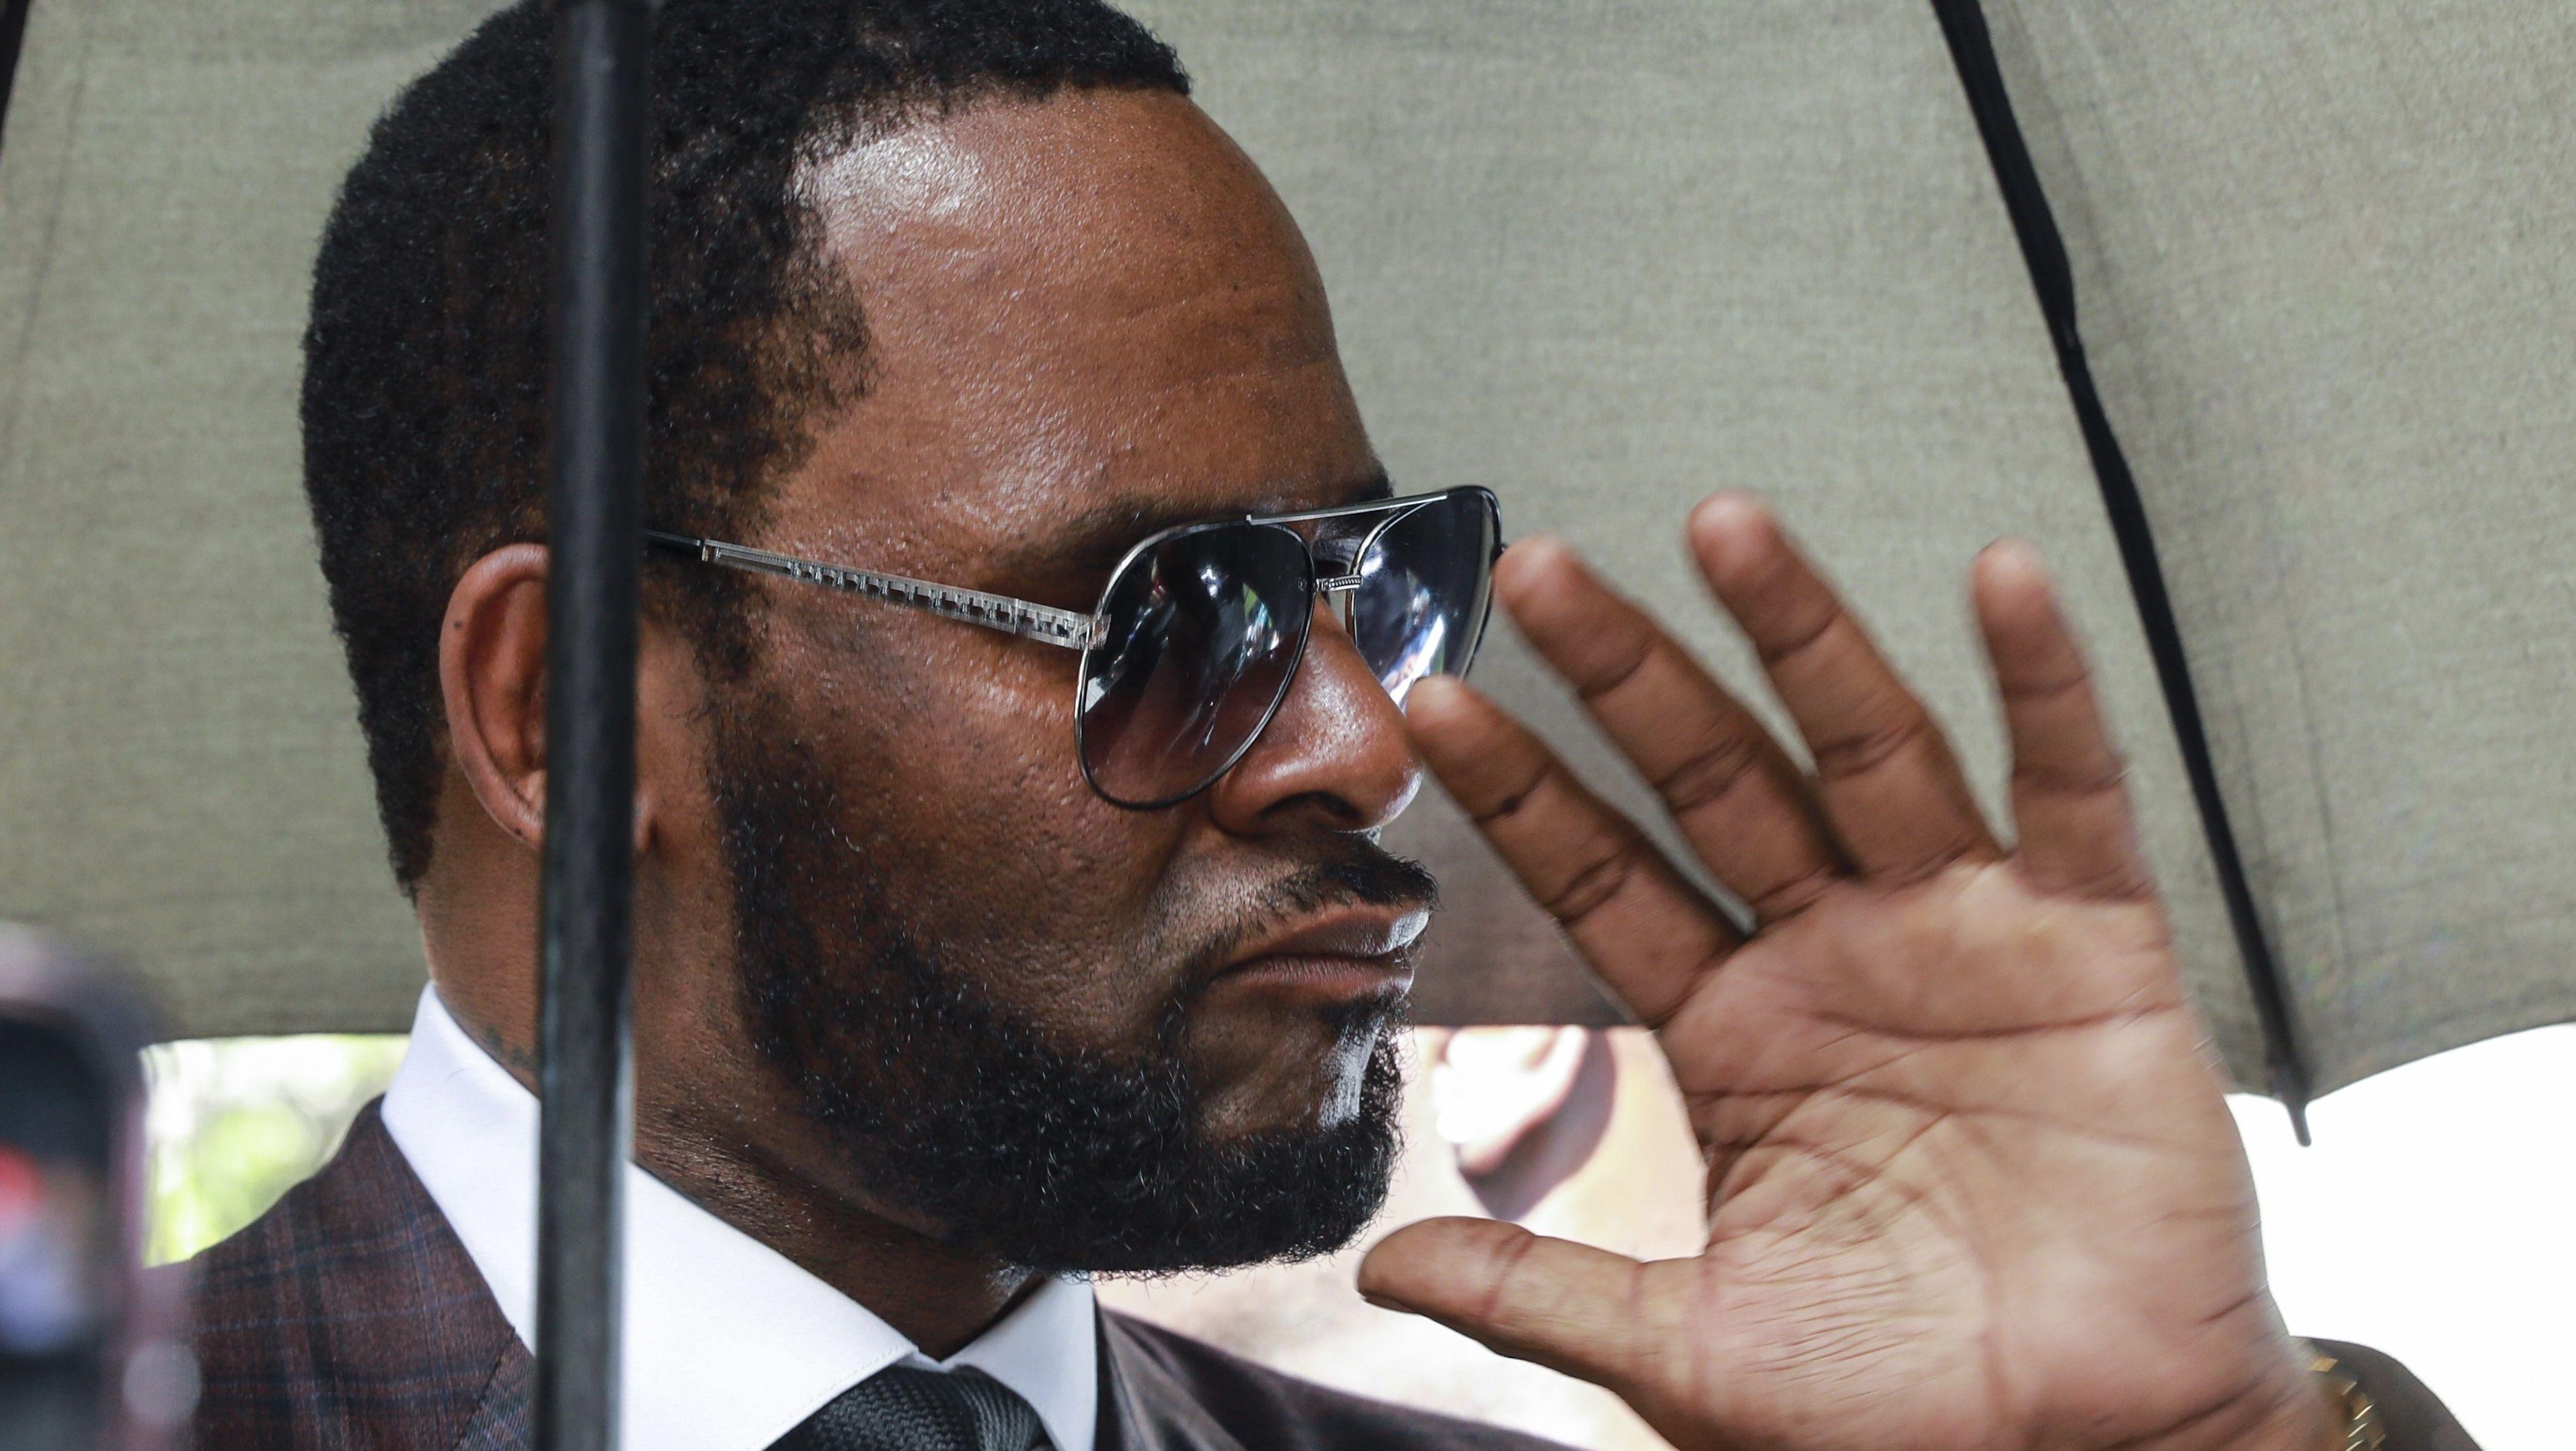 26.06.2019: Sänger R. Kelly beim Verlassen eines Gerichtsgebäudes in Chicago